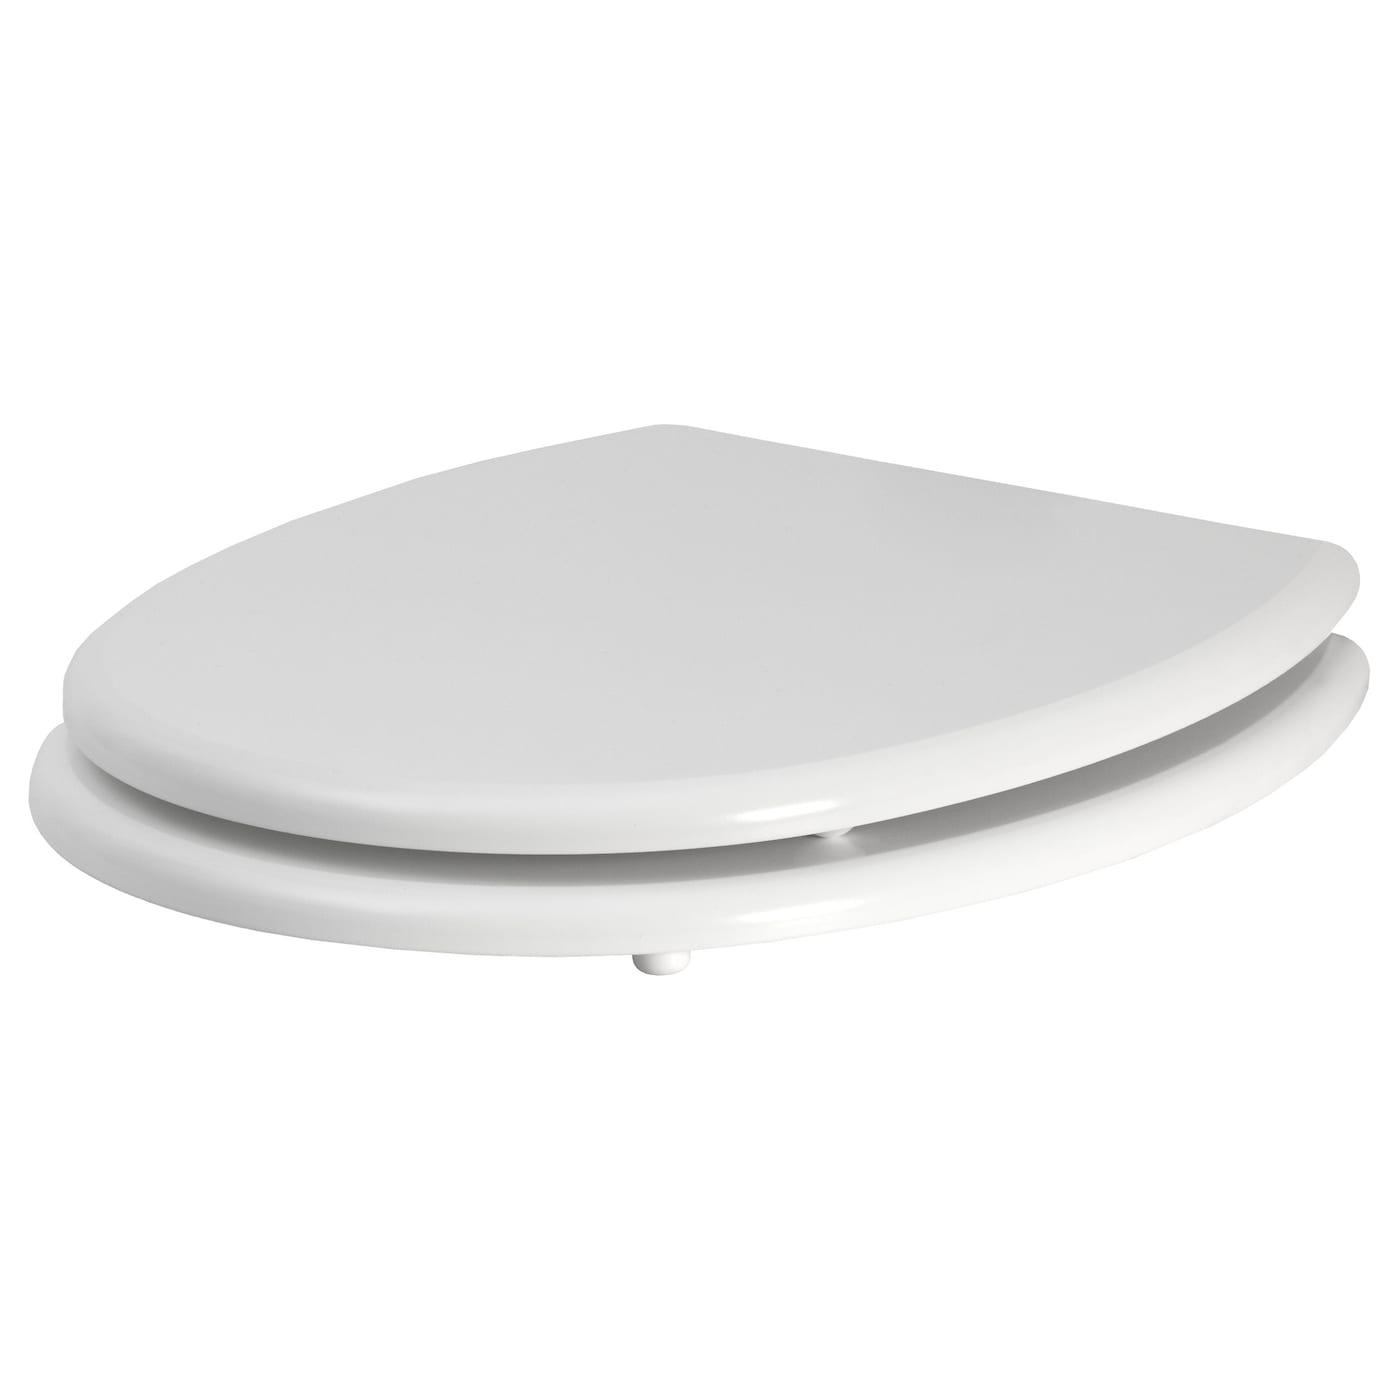 40cm round toilet seat. IKEA KULLARNA toilet seat Toilet Accessories  Roll Holders Seats